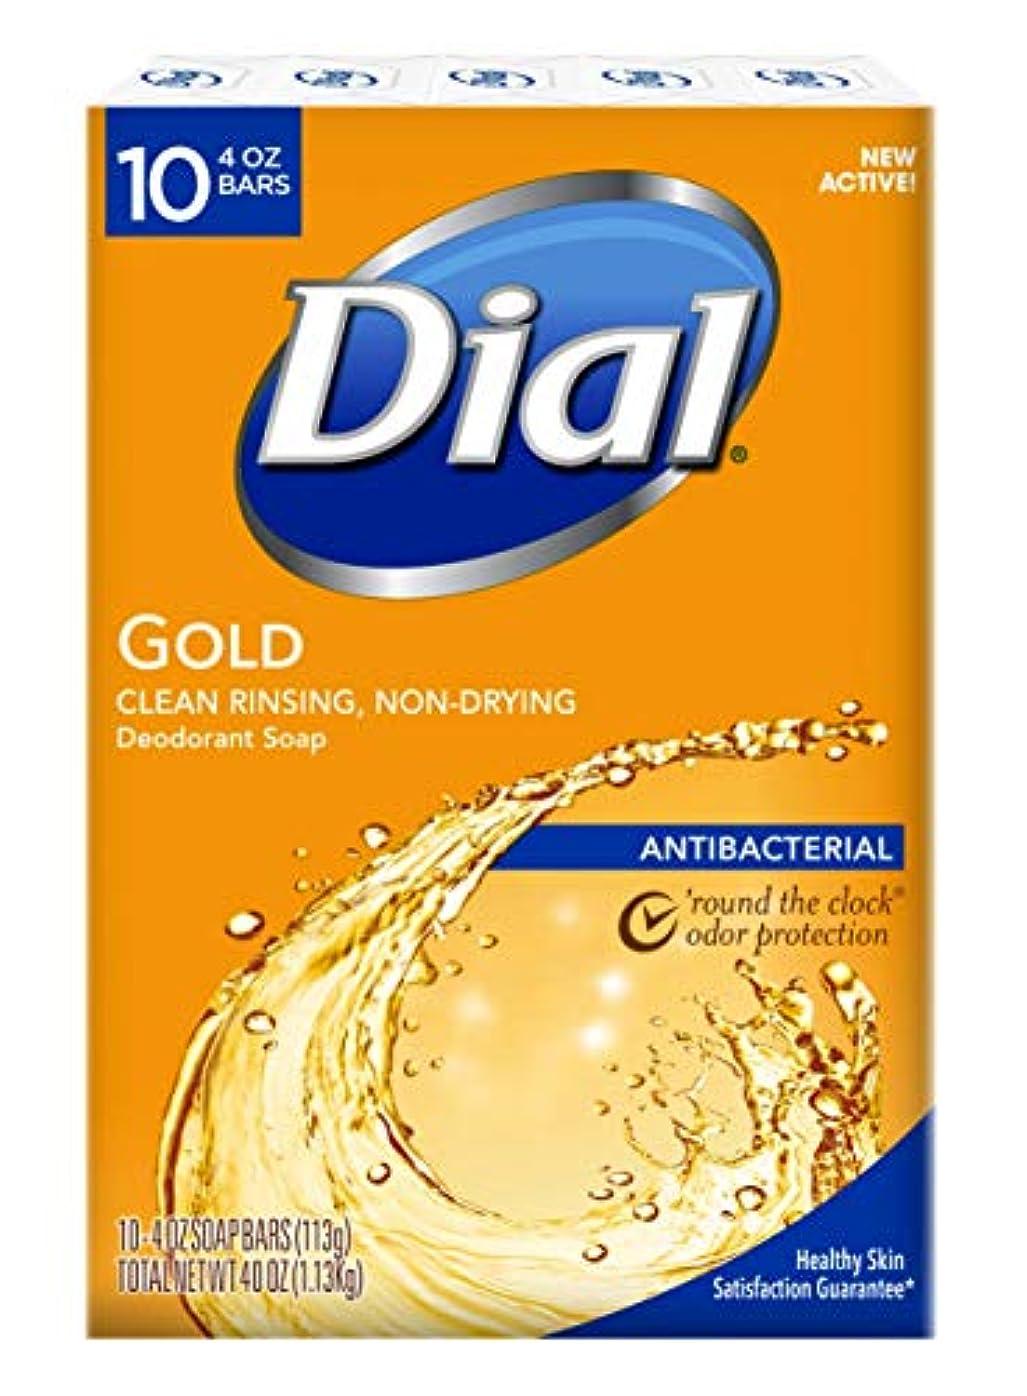 発言する効率的に博覧会Dial Antibacterial Deodorant Bar Soap, Gold, 4-Ounce Bars, 10 Count (Pack of 3)